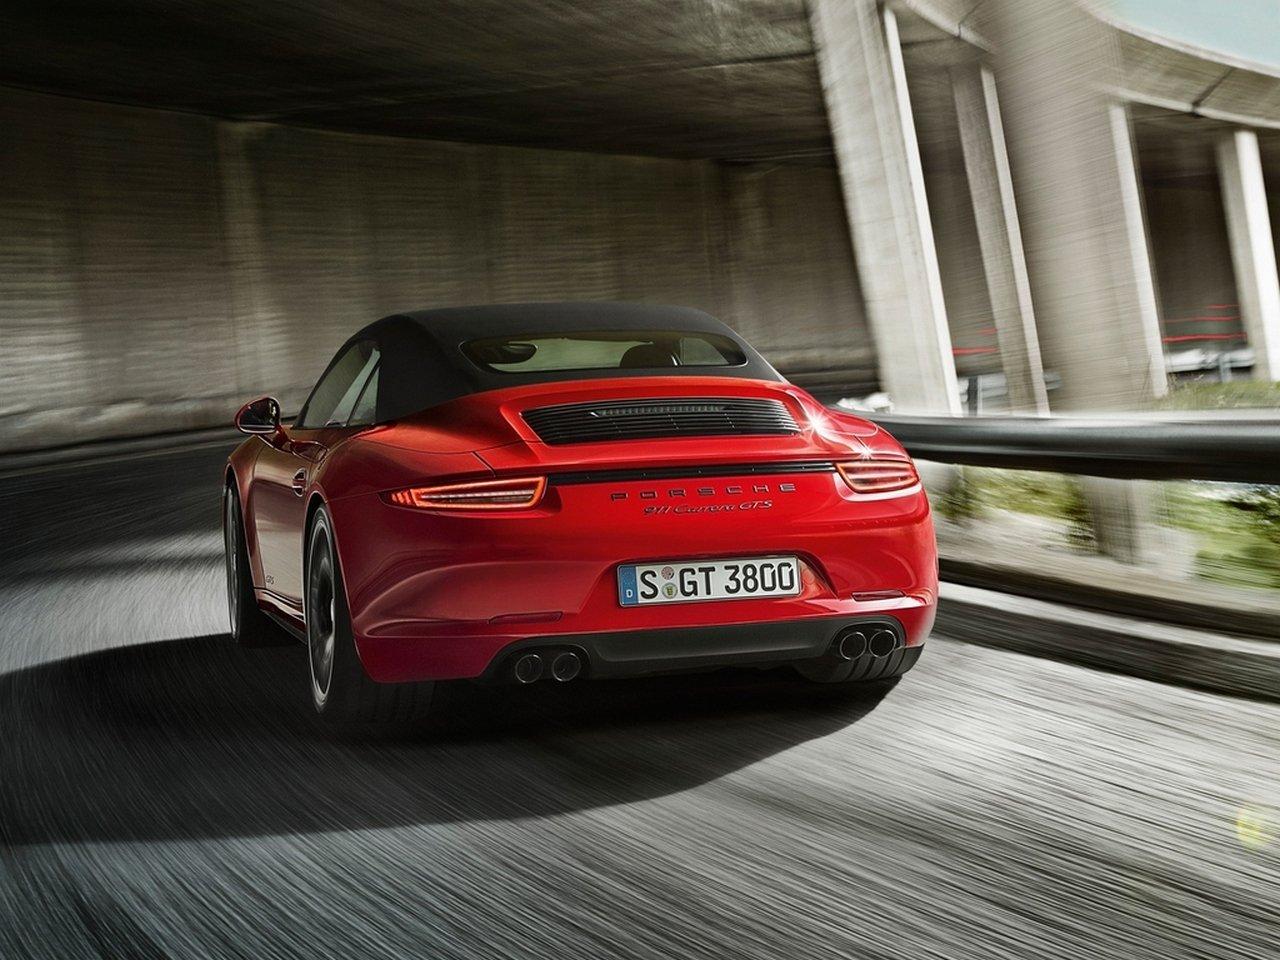 porsche-911-991-carrera-gts-cabriolet-prezzo_0-100_2